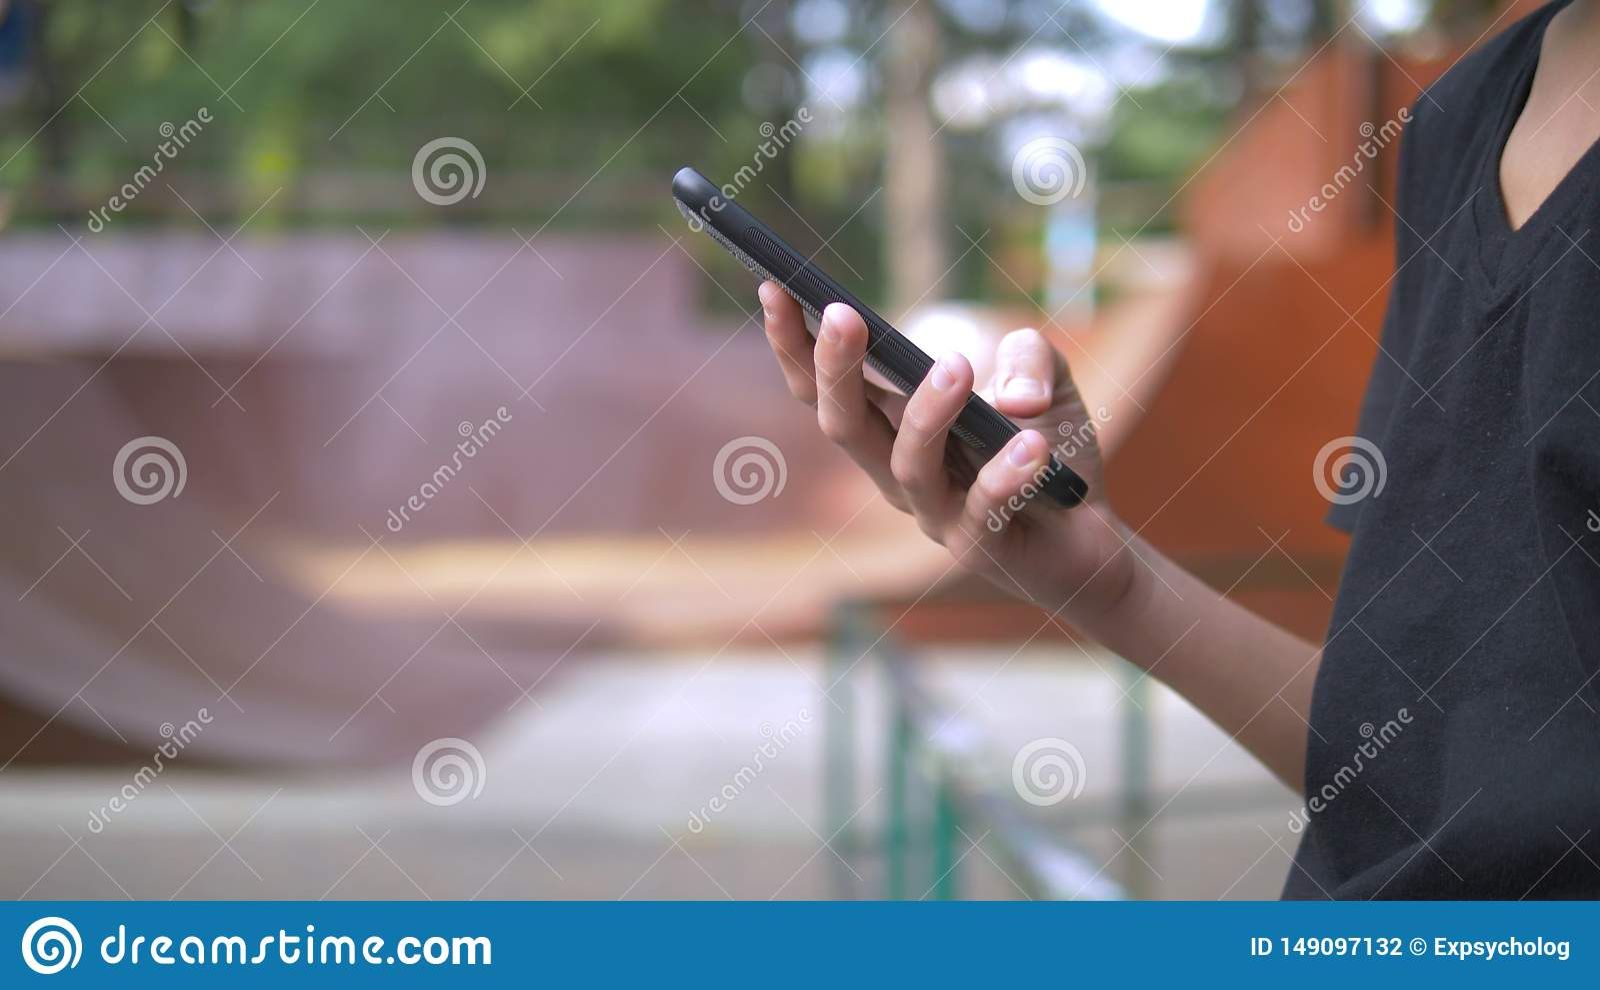 Αγόρι εφήβων μόνο που χρησιμοποιεί ένα κινητό τηλέφωνο στα πλαίσια ενός πάρκου σαλαχιών ενώ άλλα παιδιά χαλαρώνουν ενεργά